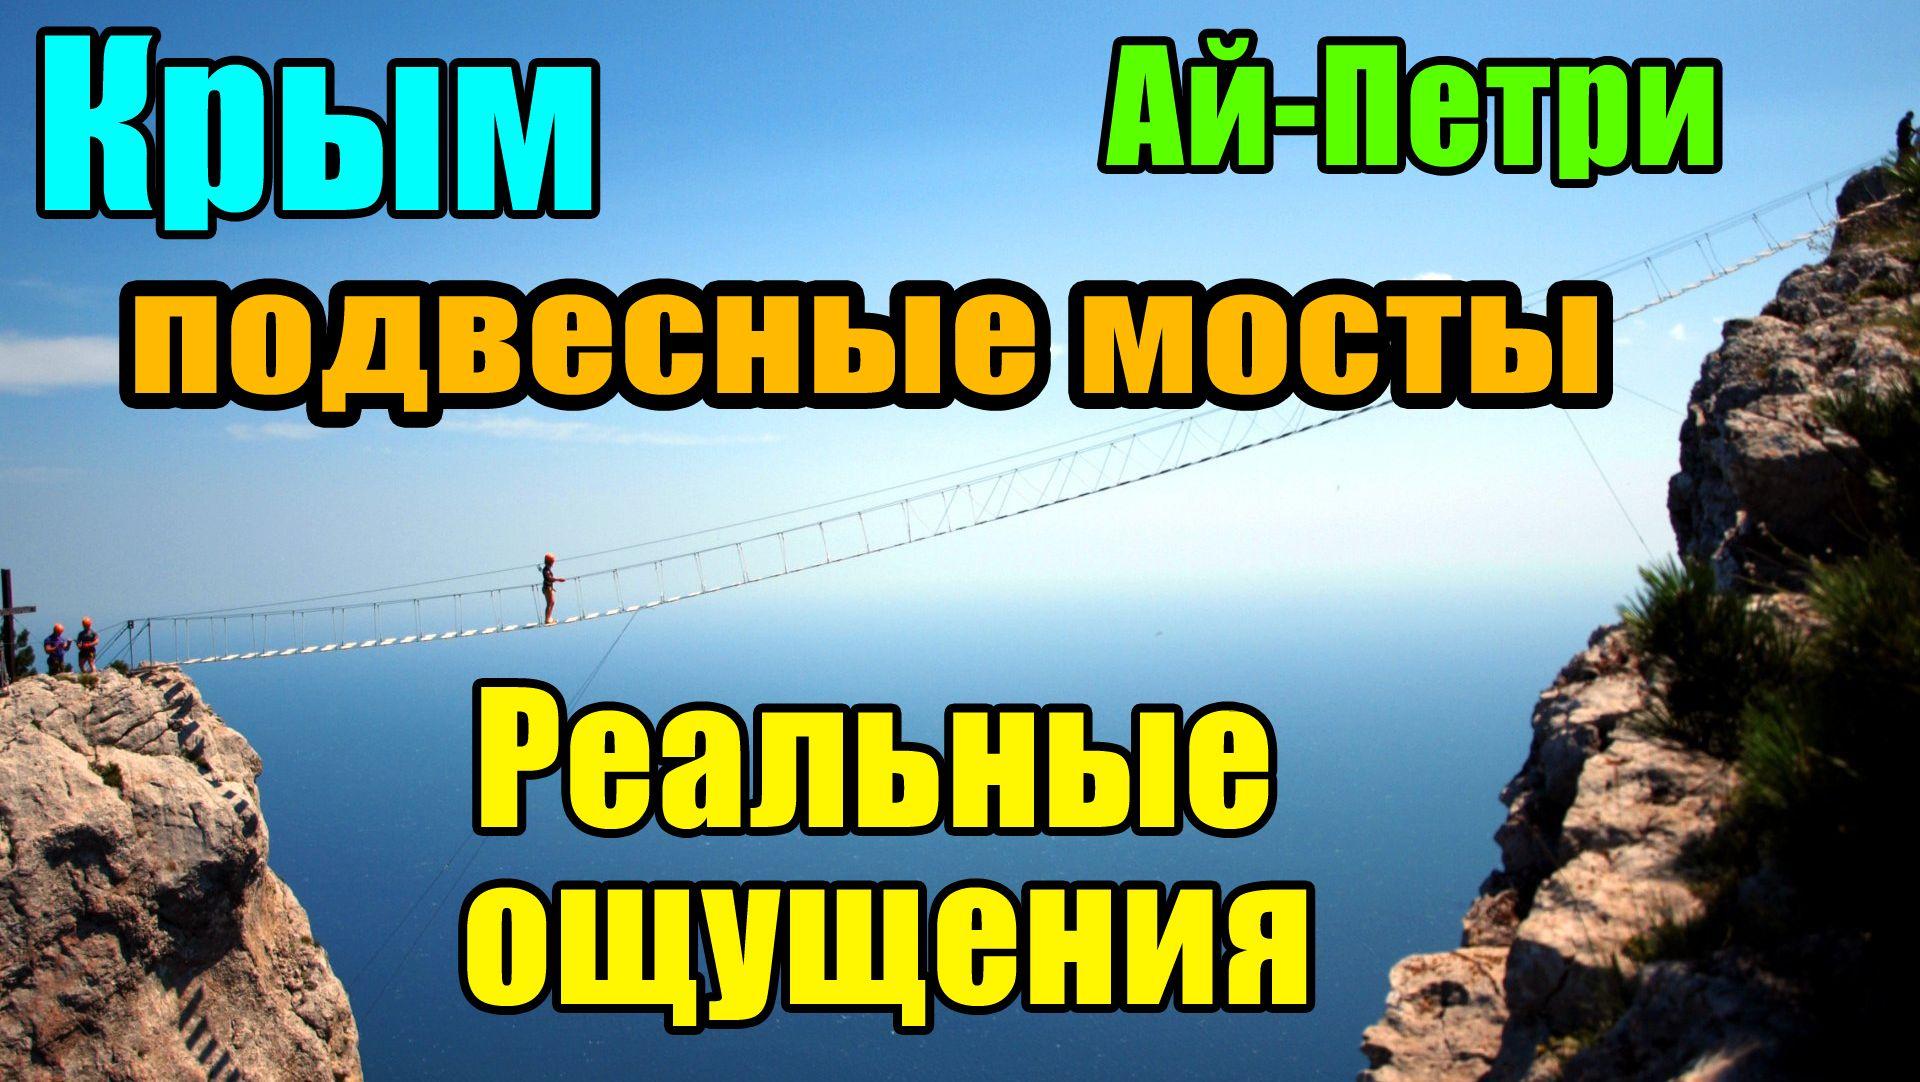 Крым 2016 подвесные мосты Ай-Петри.jpg